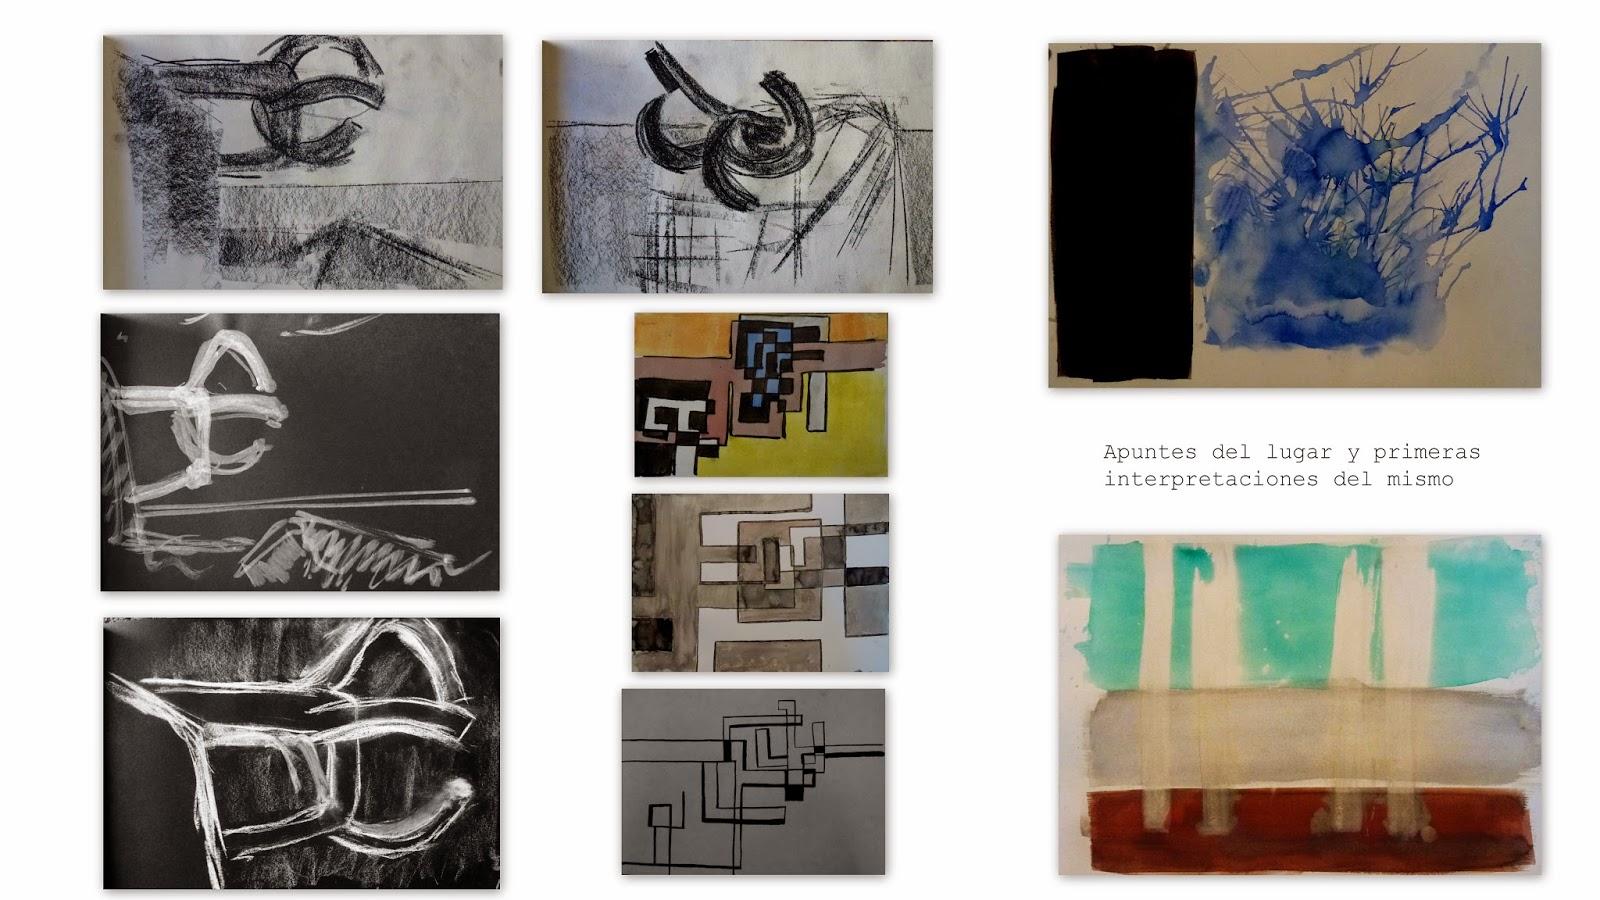 Nu o zapata de porras isla fdez dai grupo a curso 2013 14 - Ets arquitectura madrid ...